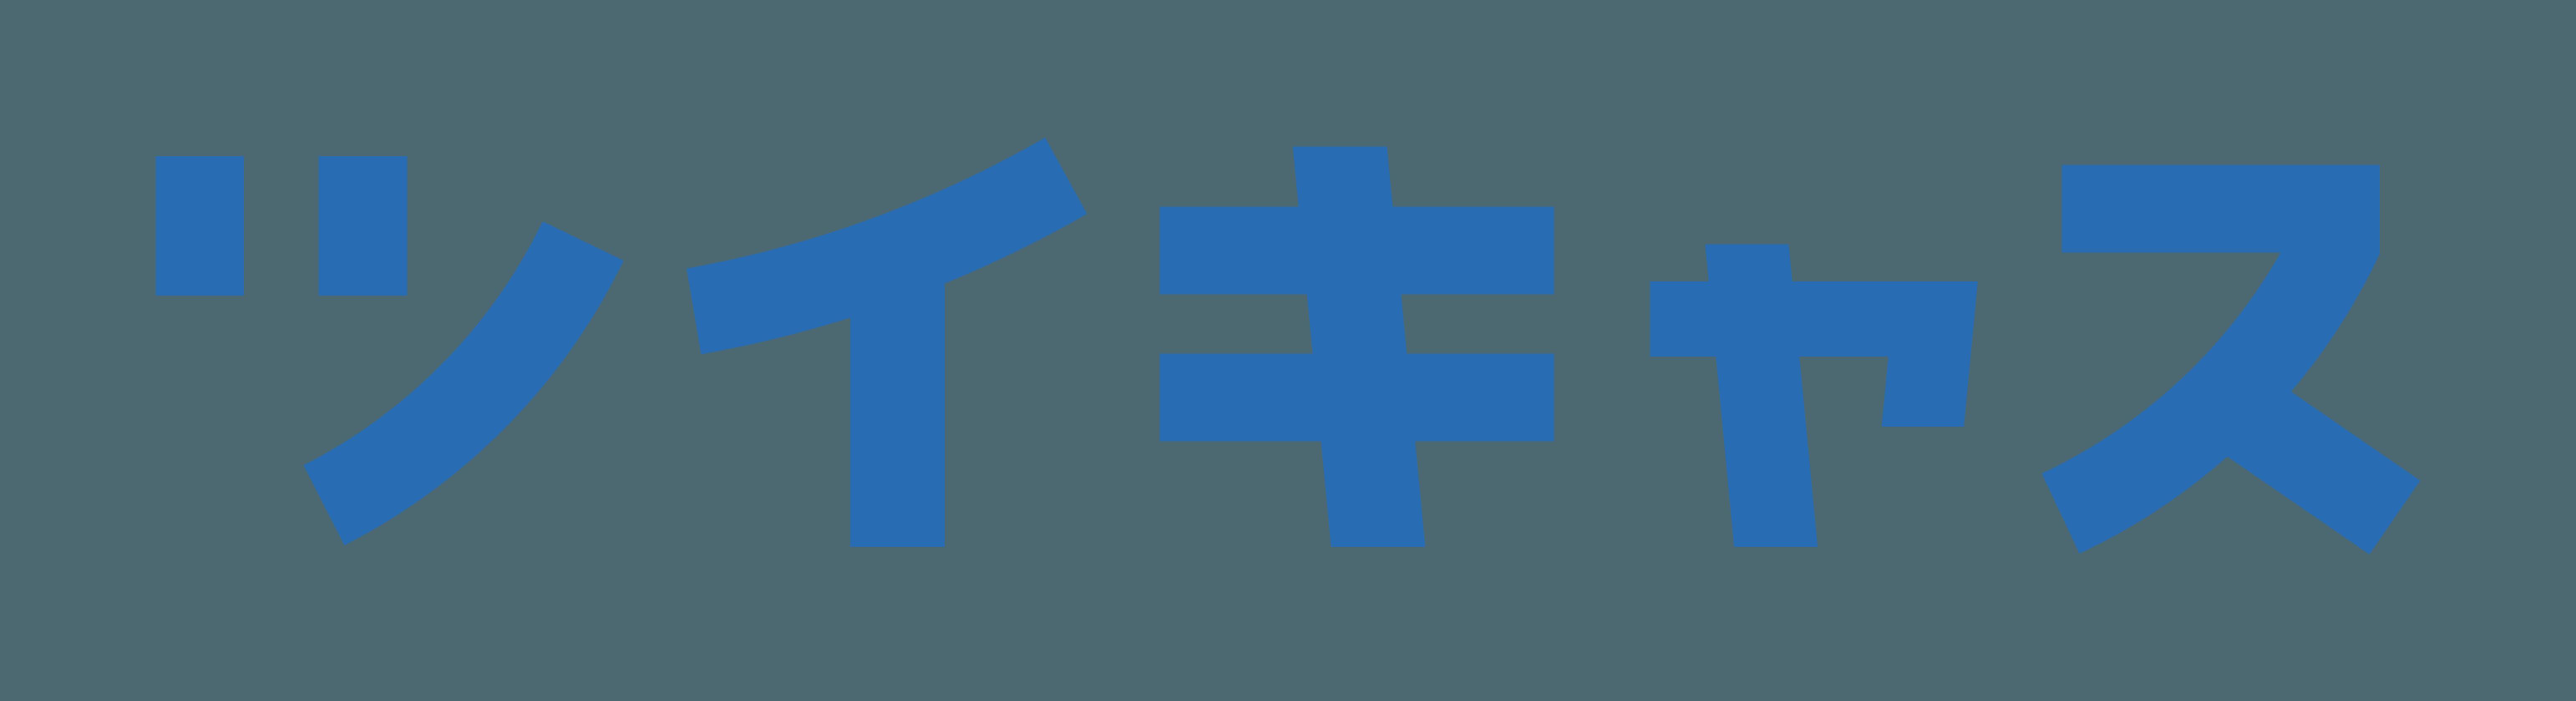 TwitCasting_katakana_logo